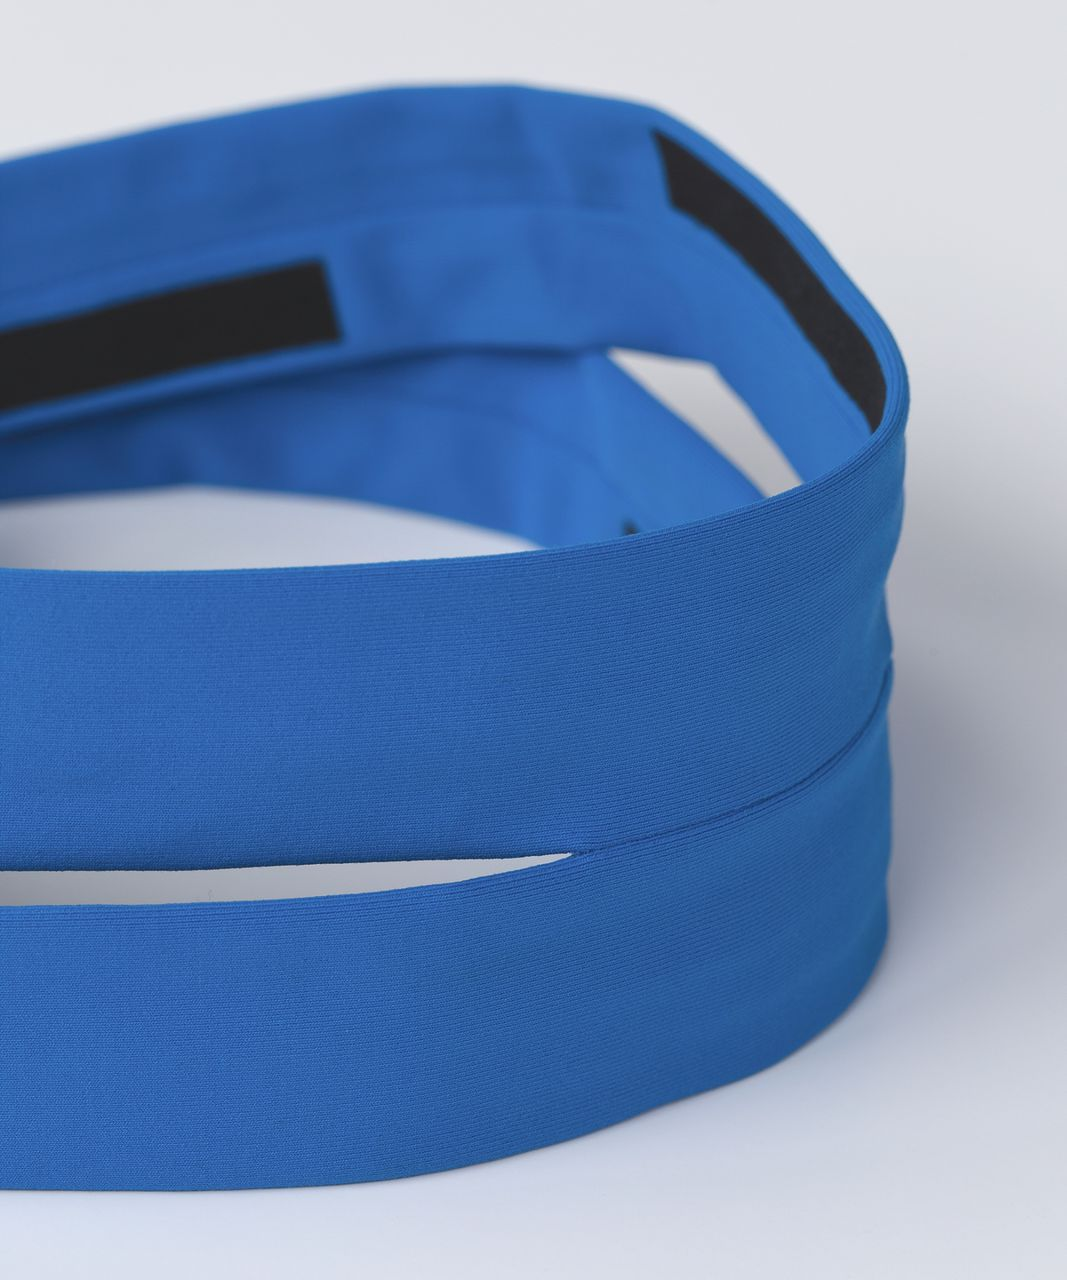 Lululemon Sweat It Out Headband - Lakeside Blue